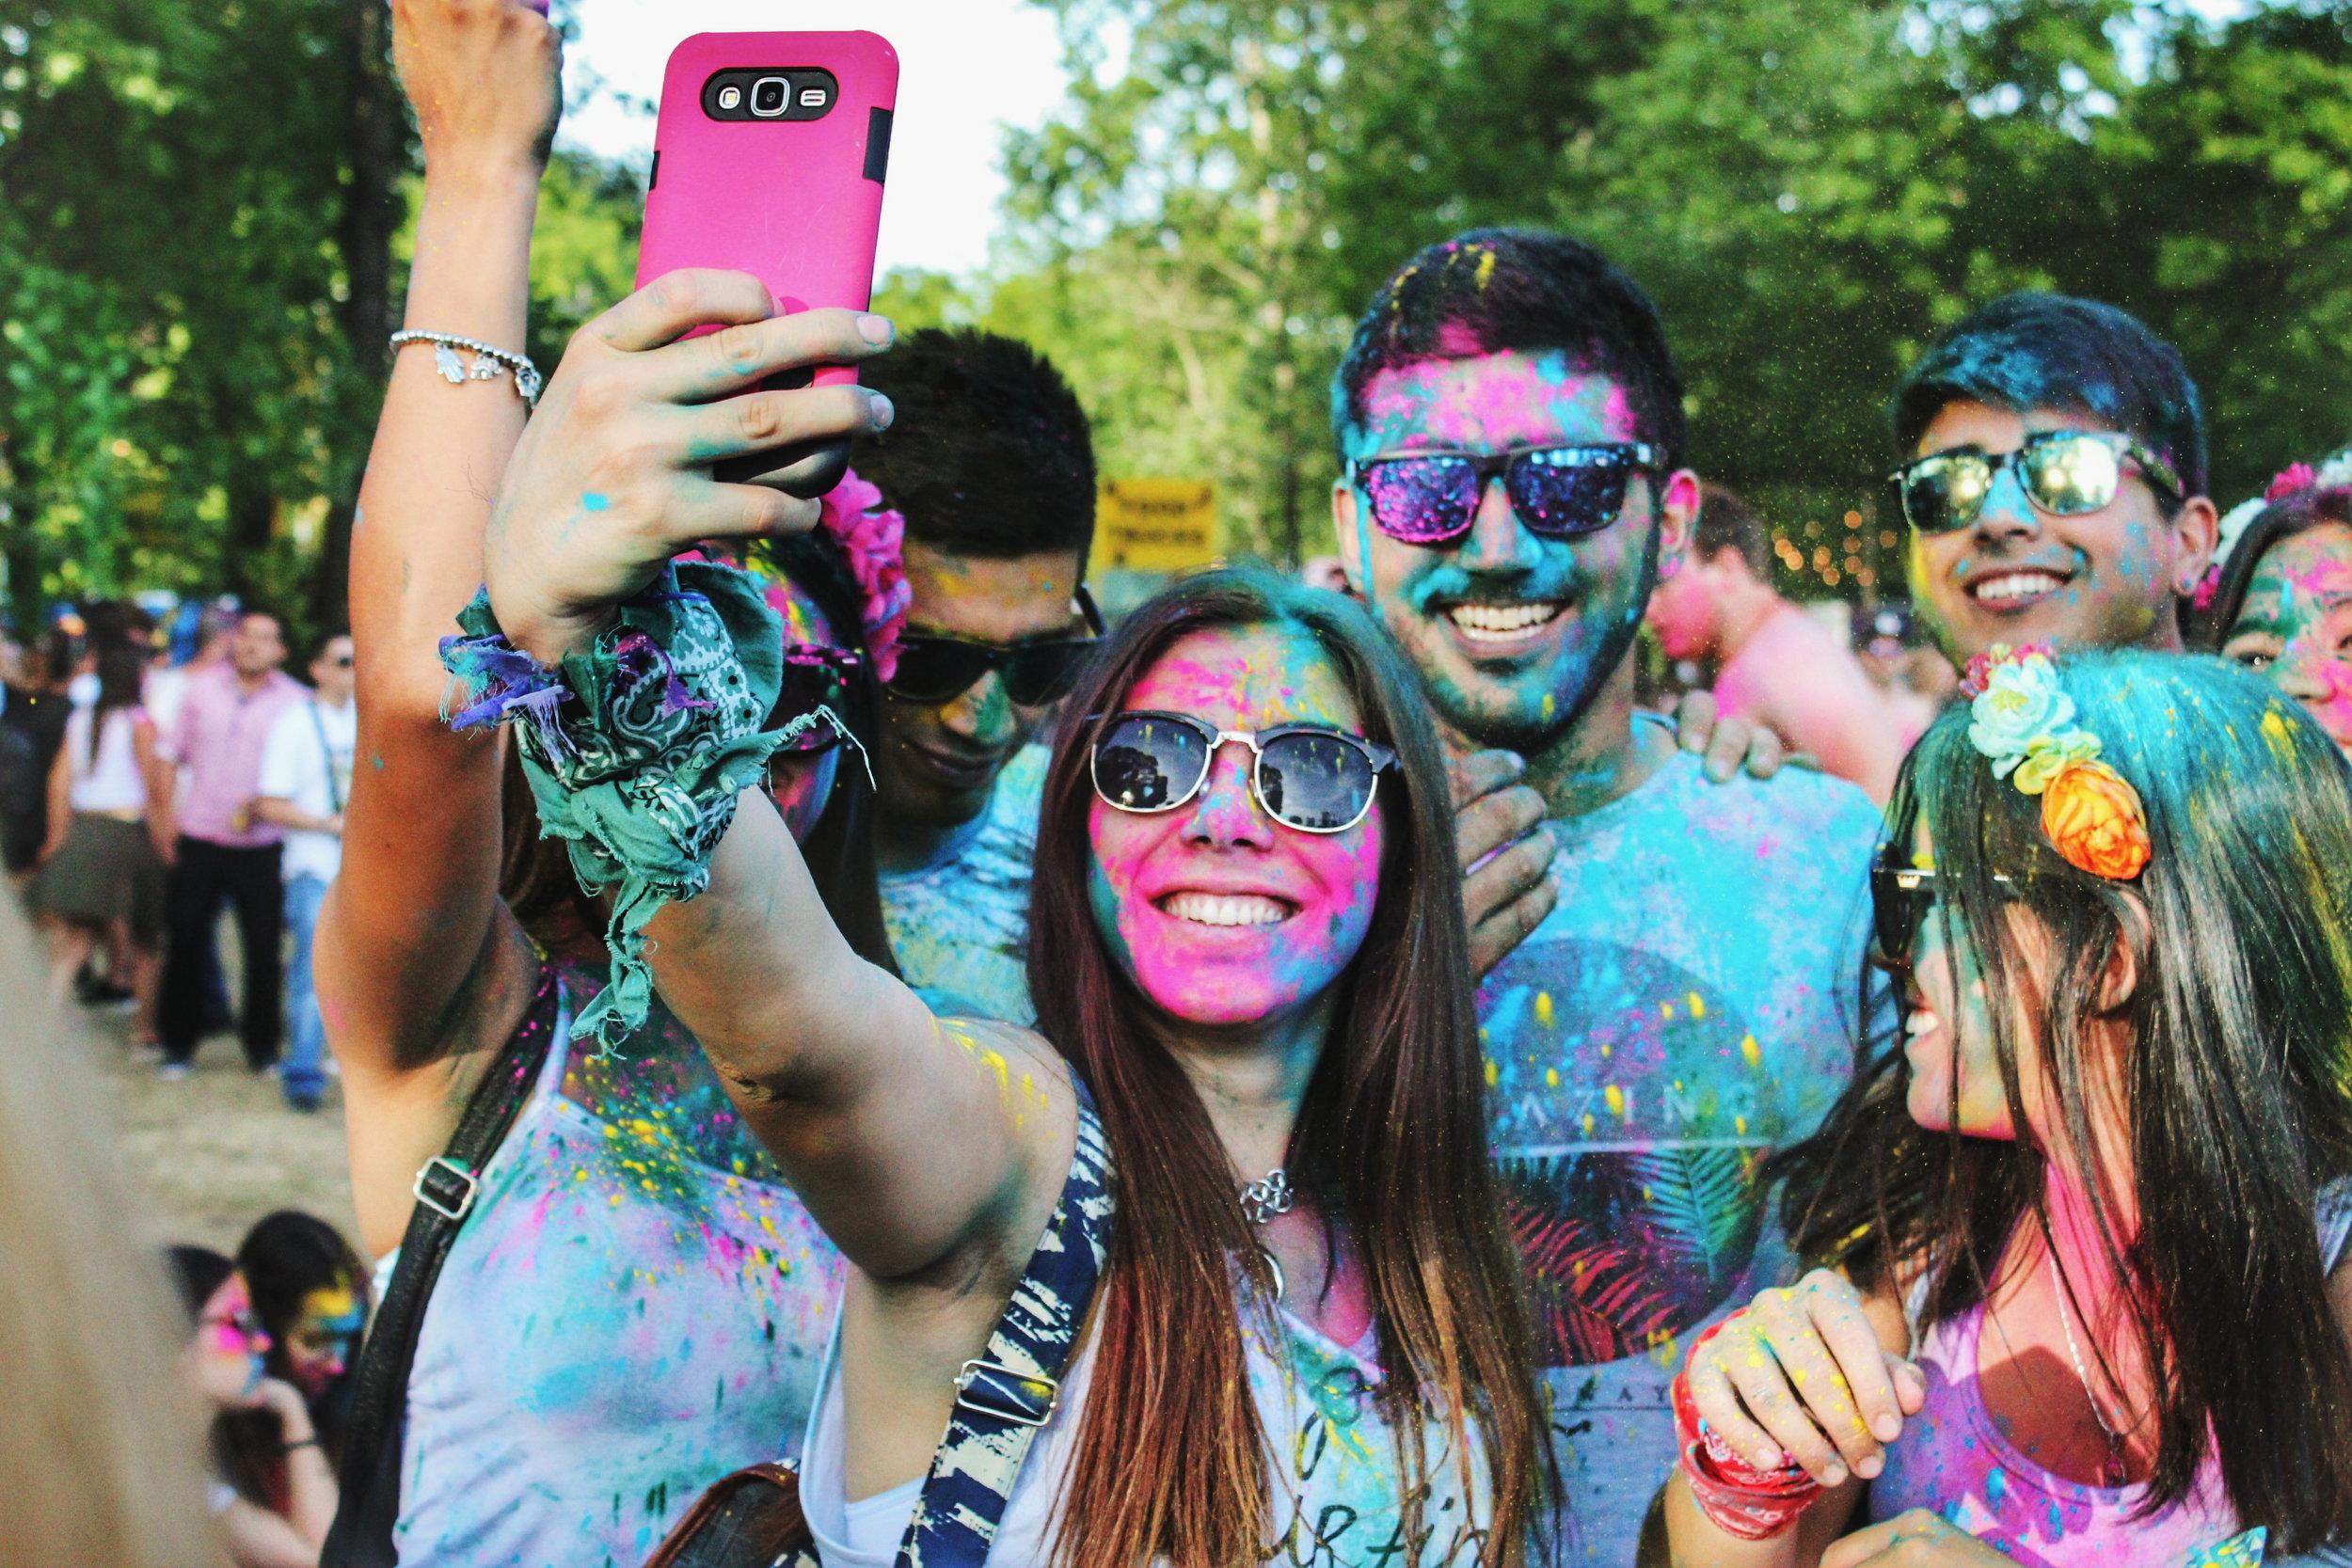 O Instagram jé é a rede favorita dos usuários com menos de 30 anos; se o seu público são os Millenials, a rede é imprescindível ao seu negócio. (Crédito:  Julián Gentilezza )